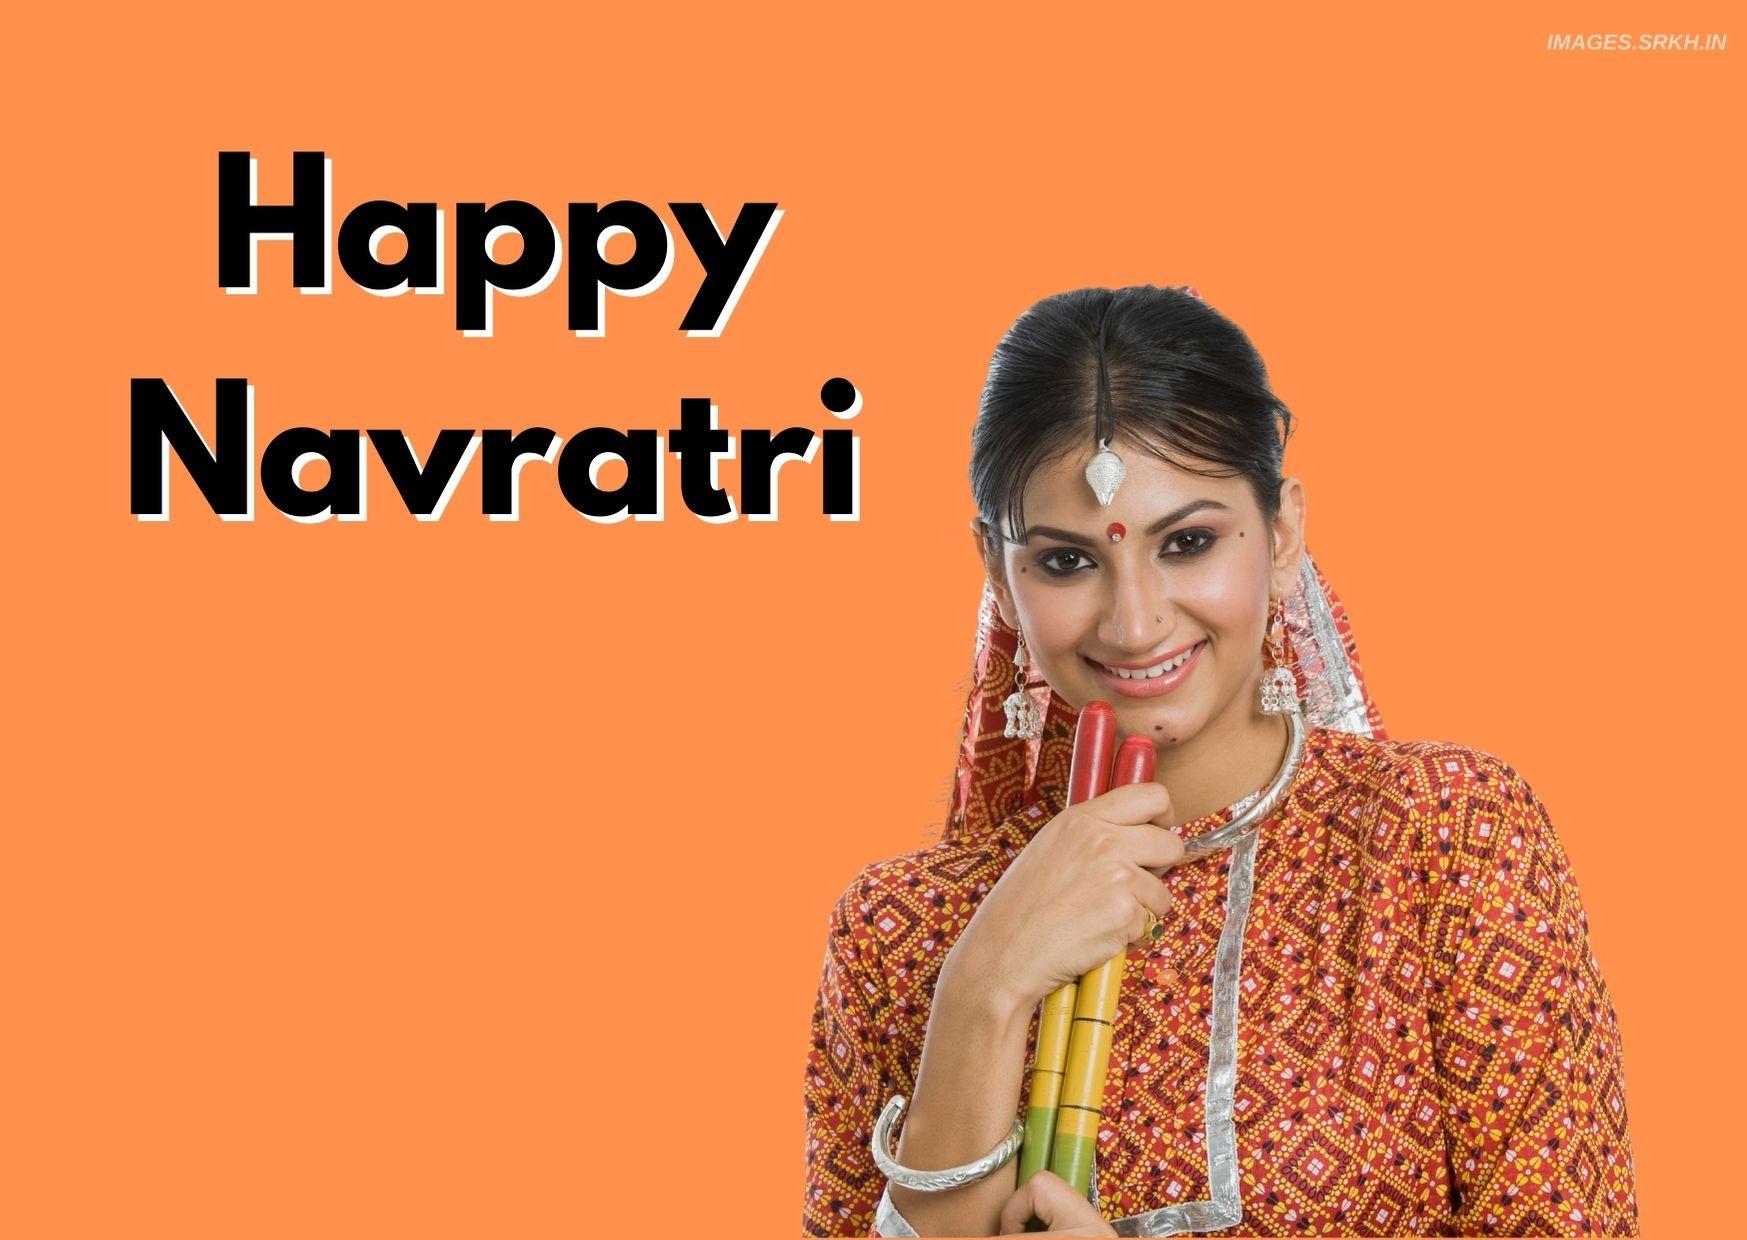 Happy Navratri picture